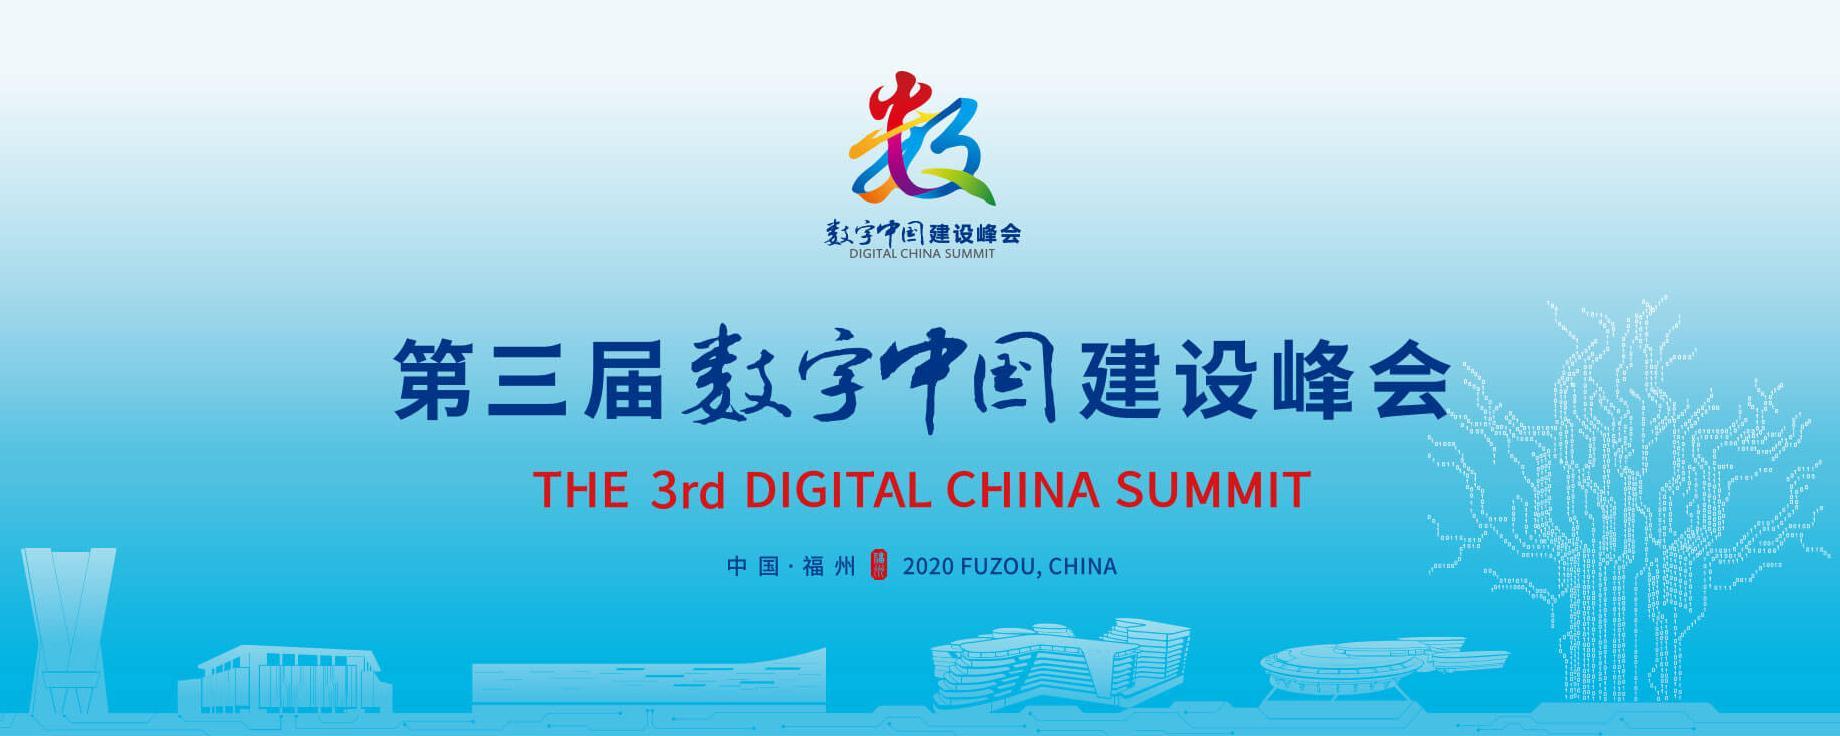 定了!第三届版中国建设峰会将于10月12-14日在福州召开